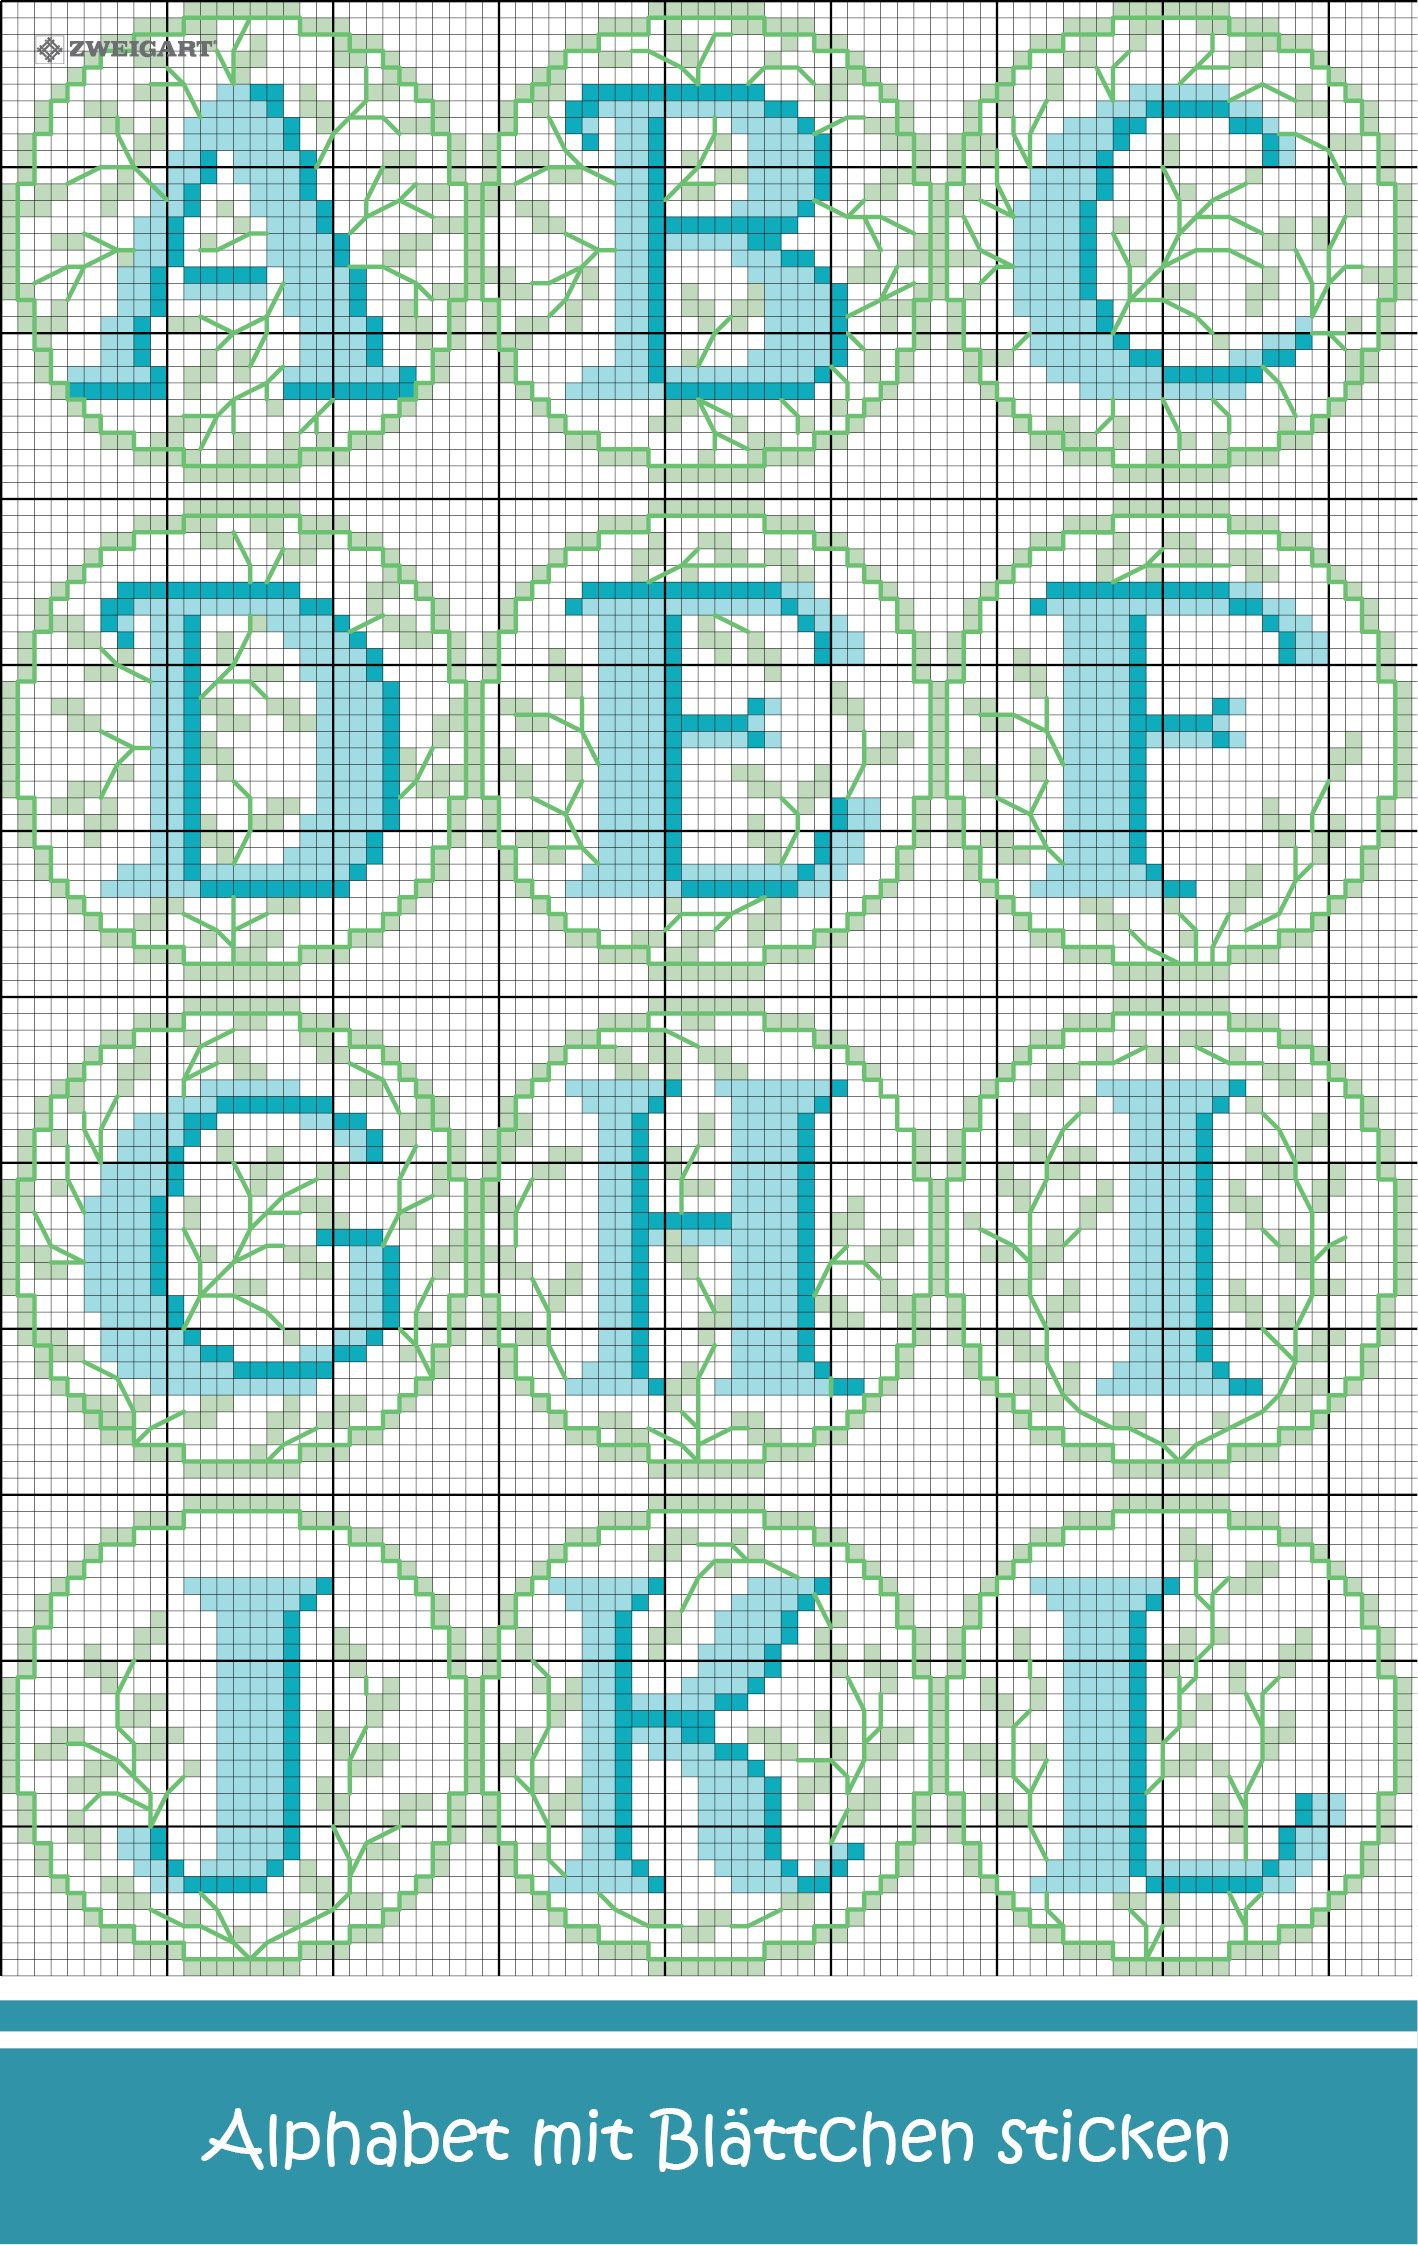 Alphabet mit kleinen bl ttern sticken entdecke - Sticken vorlagen kostenlos ...